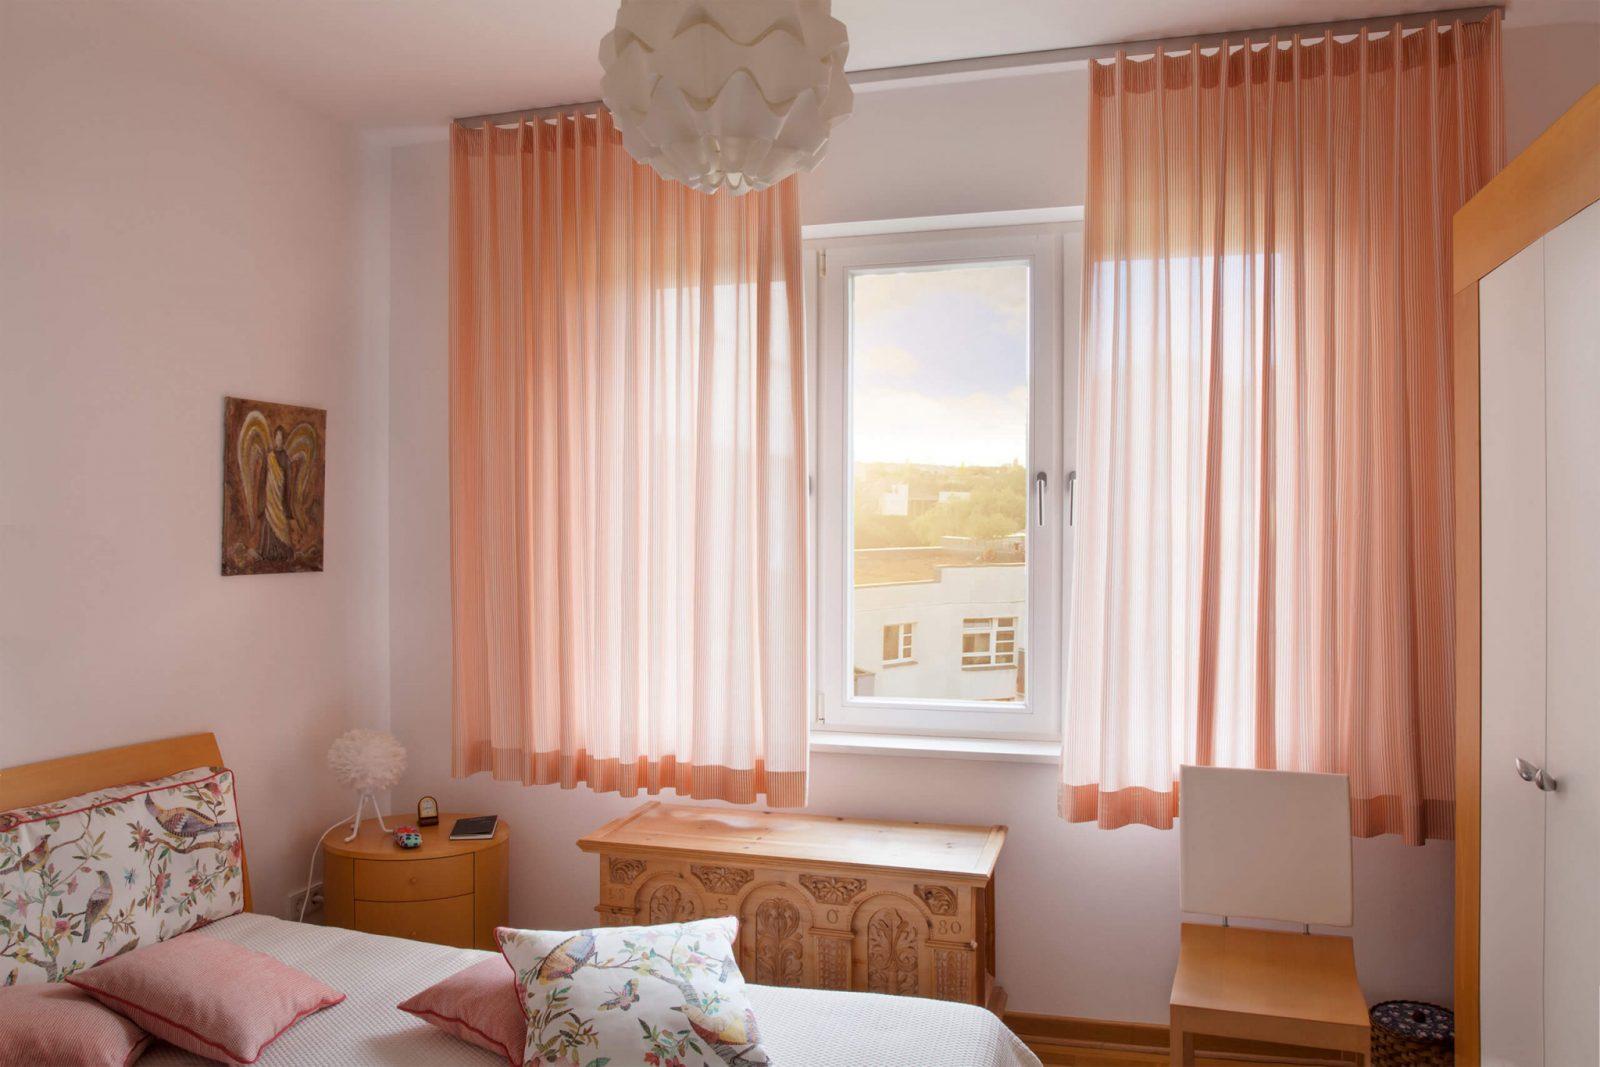 Schlafzimmer Gardinen In Berlin Charlottenburg von Vorhänge Schlafzimmer Ideen Photo